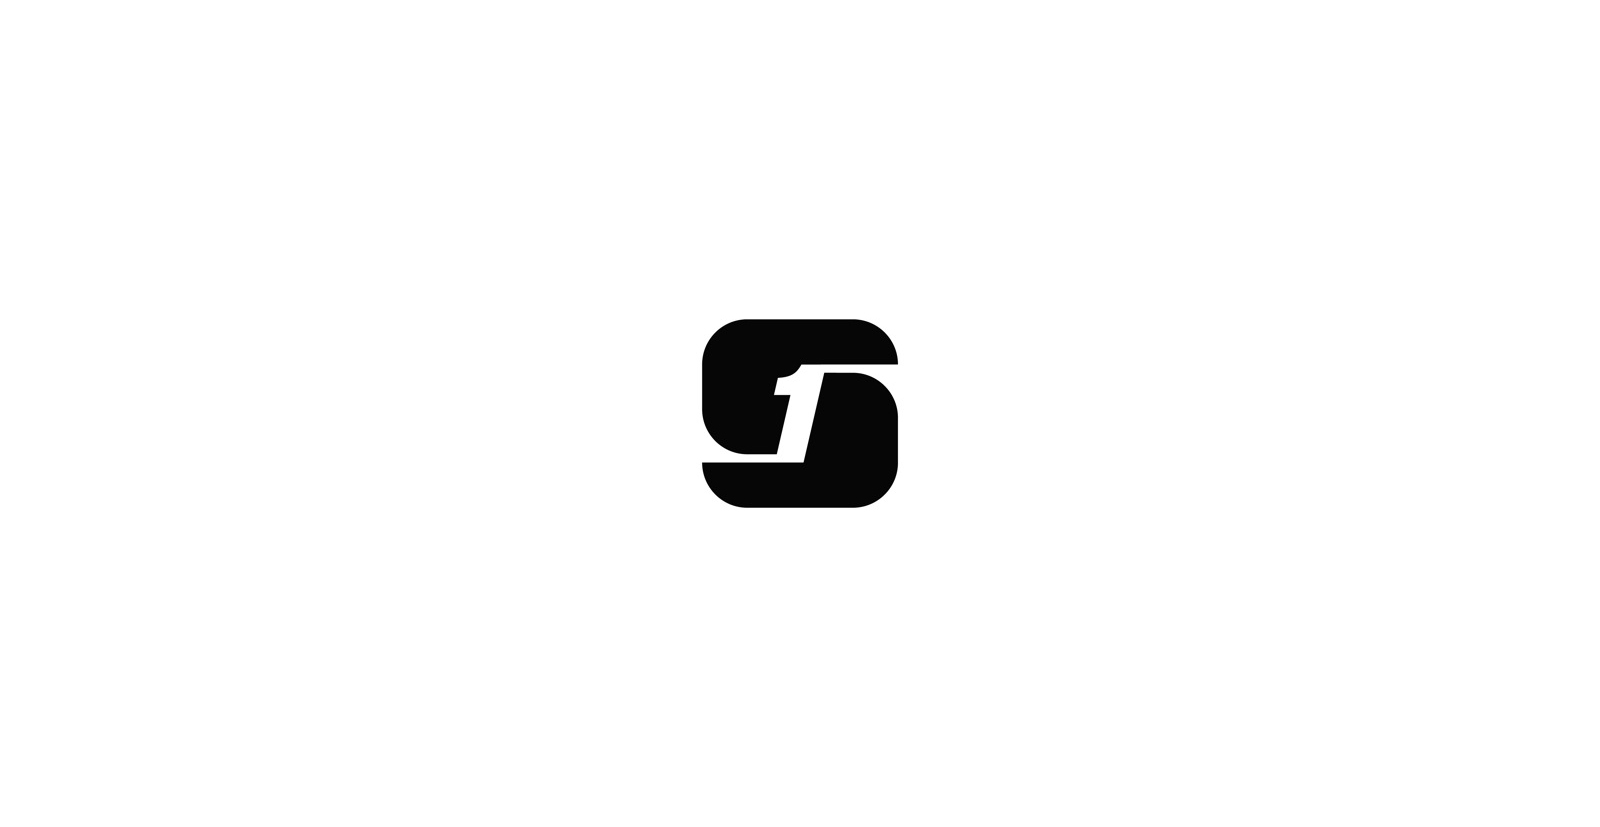 50_logos-45